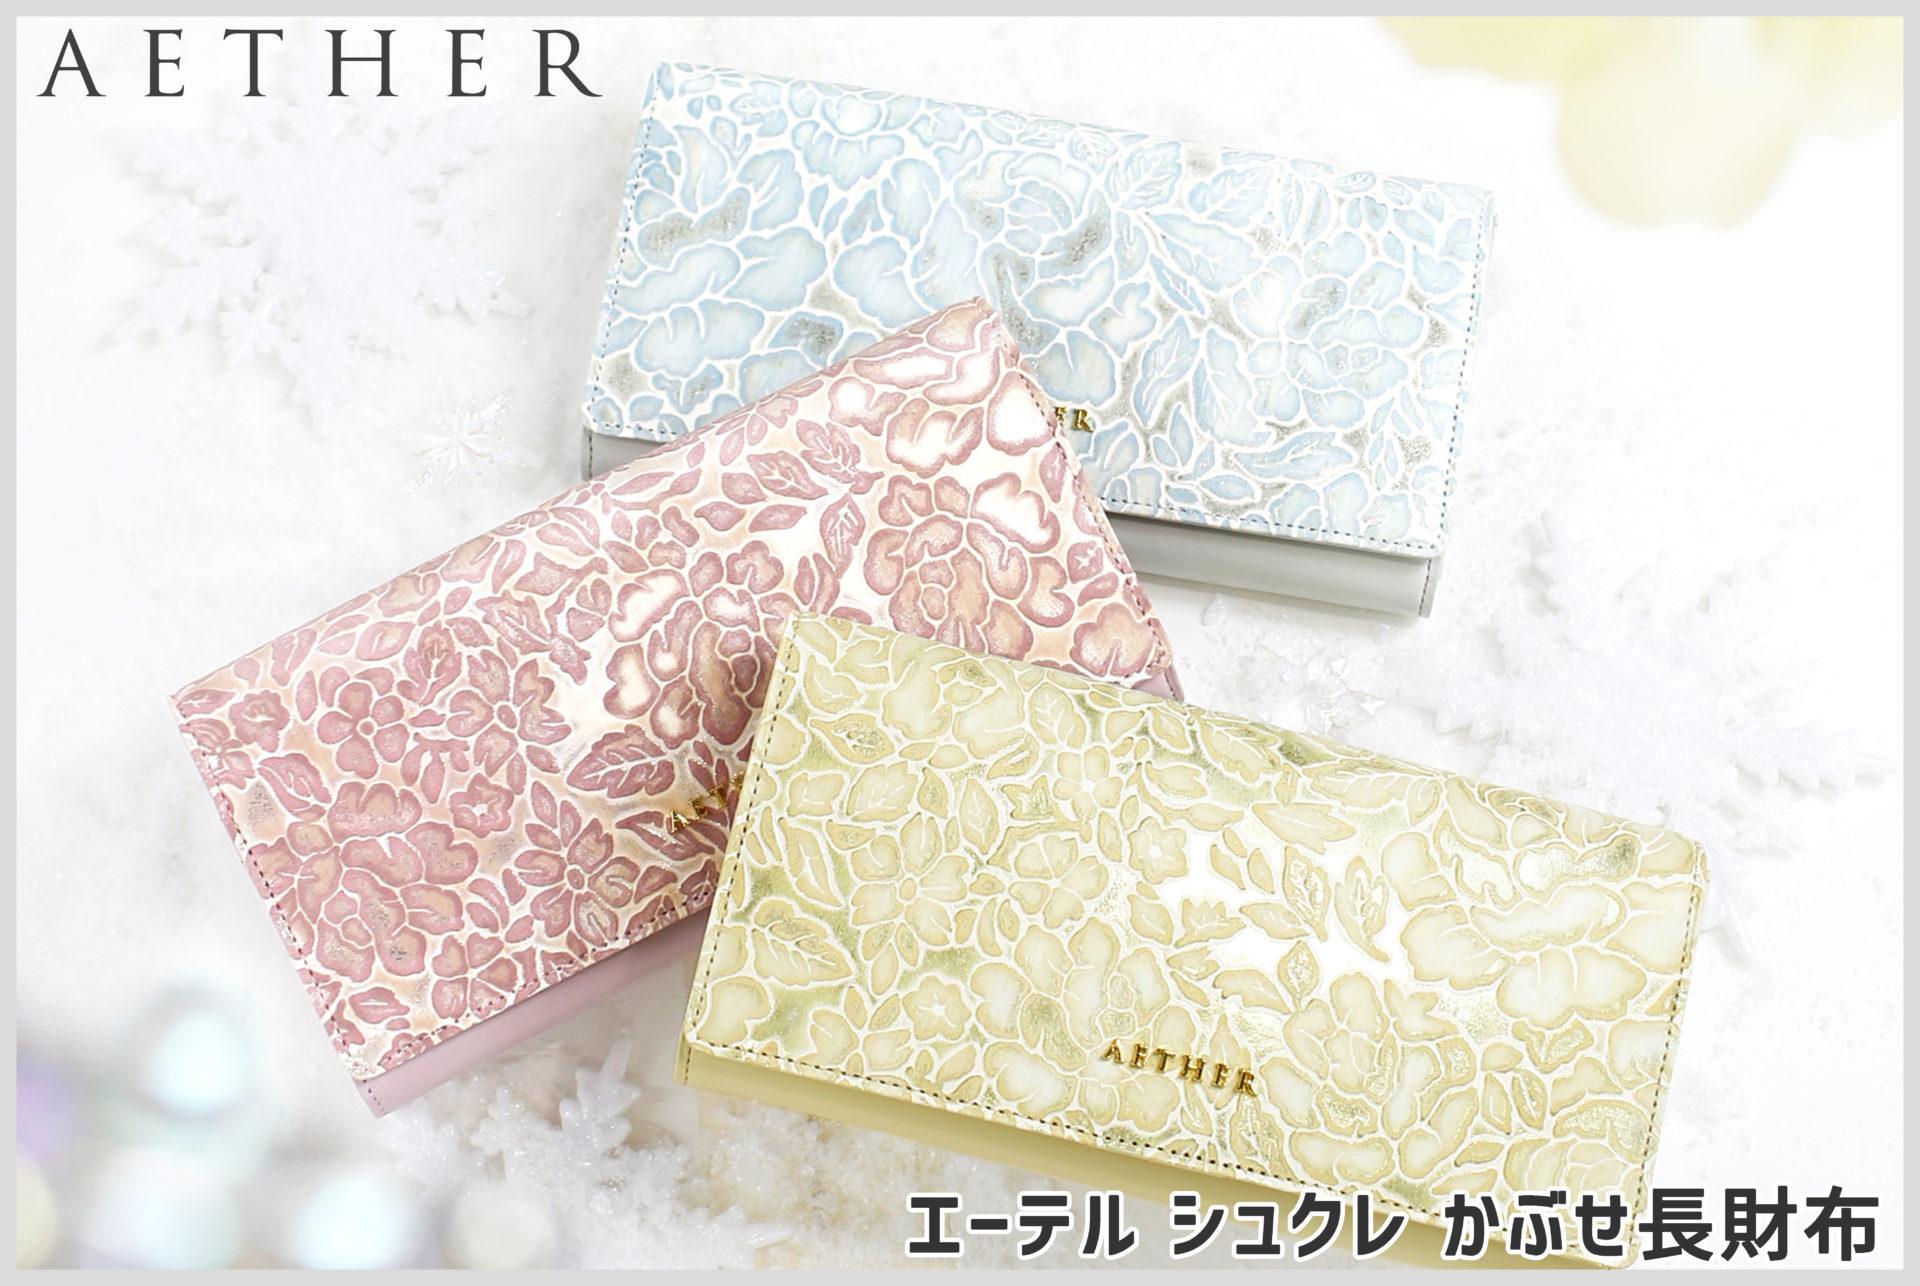 エーテルのシュクレシリーズの長財布